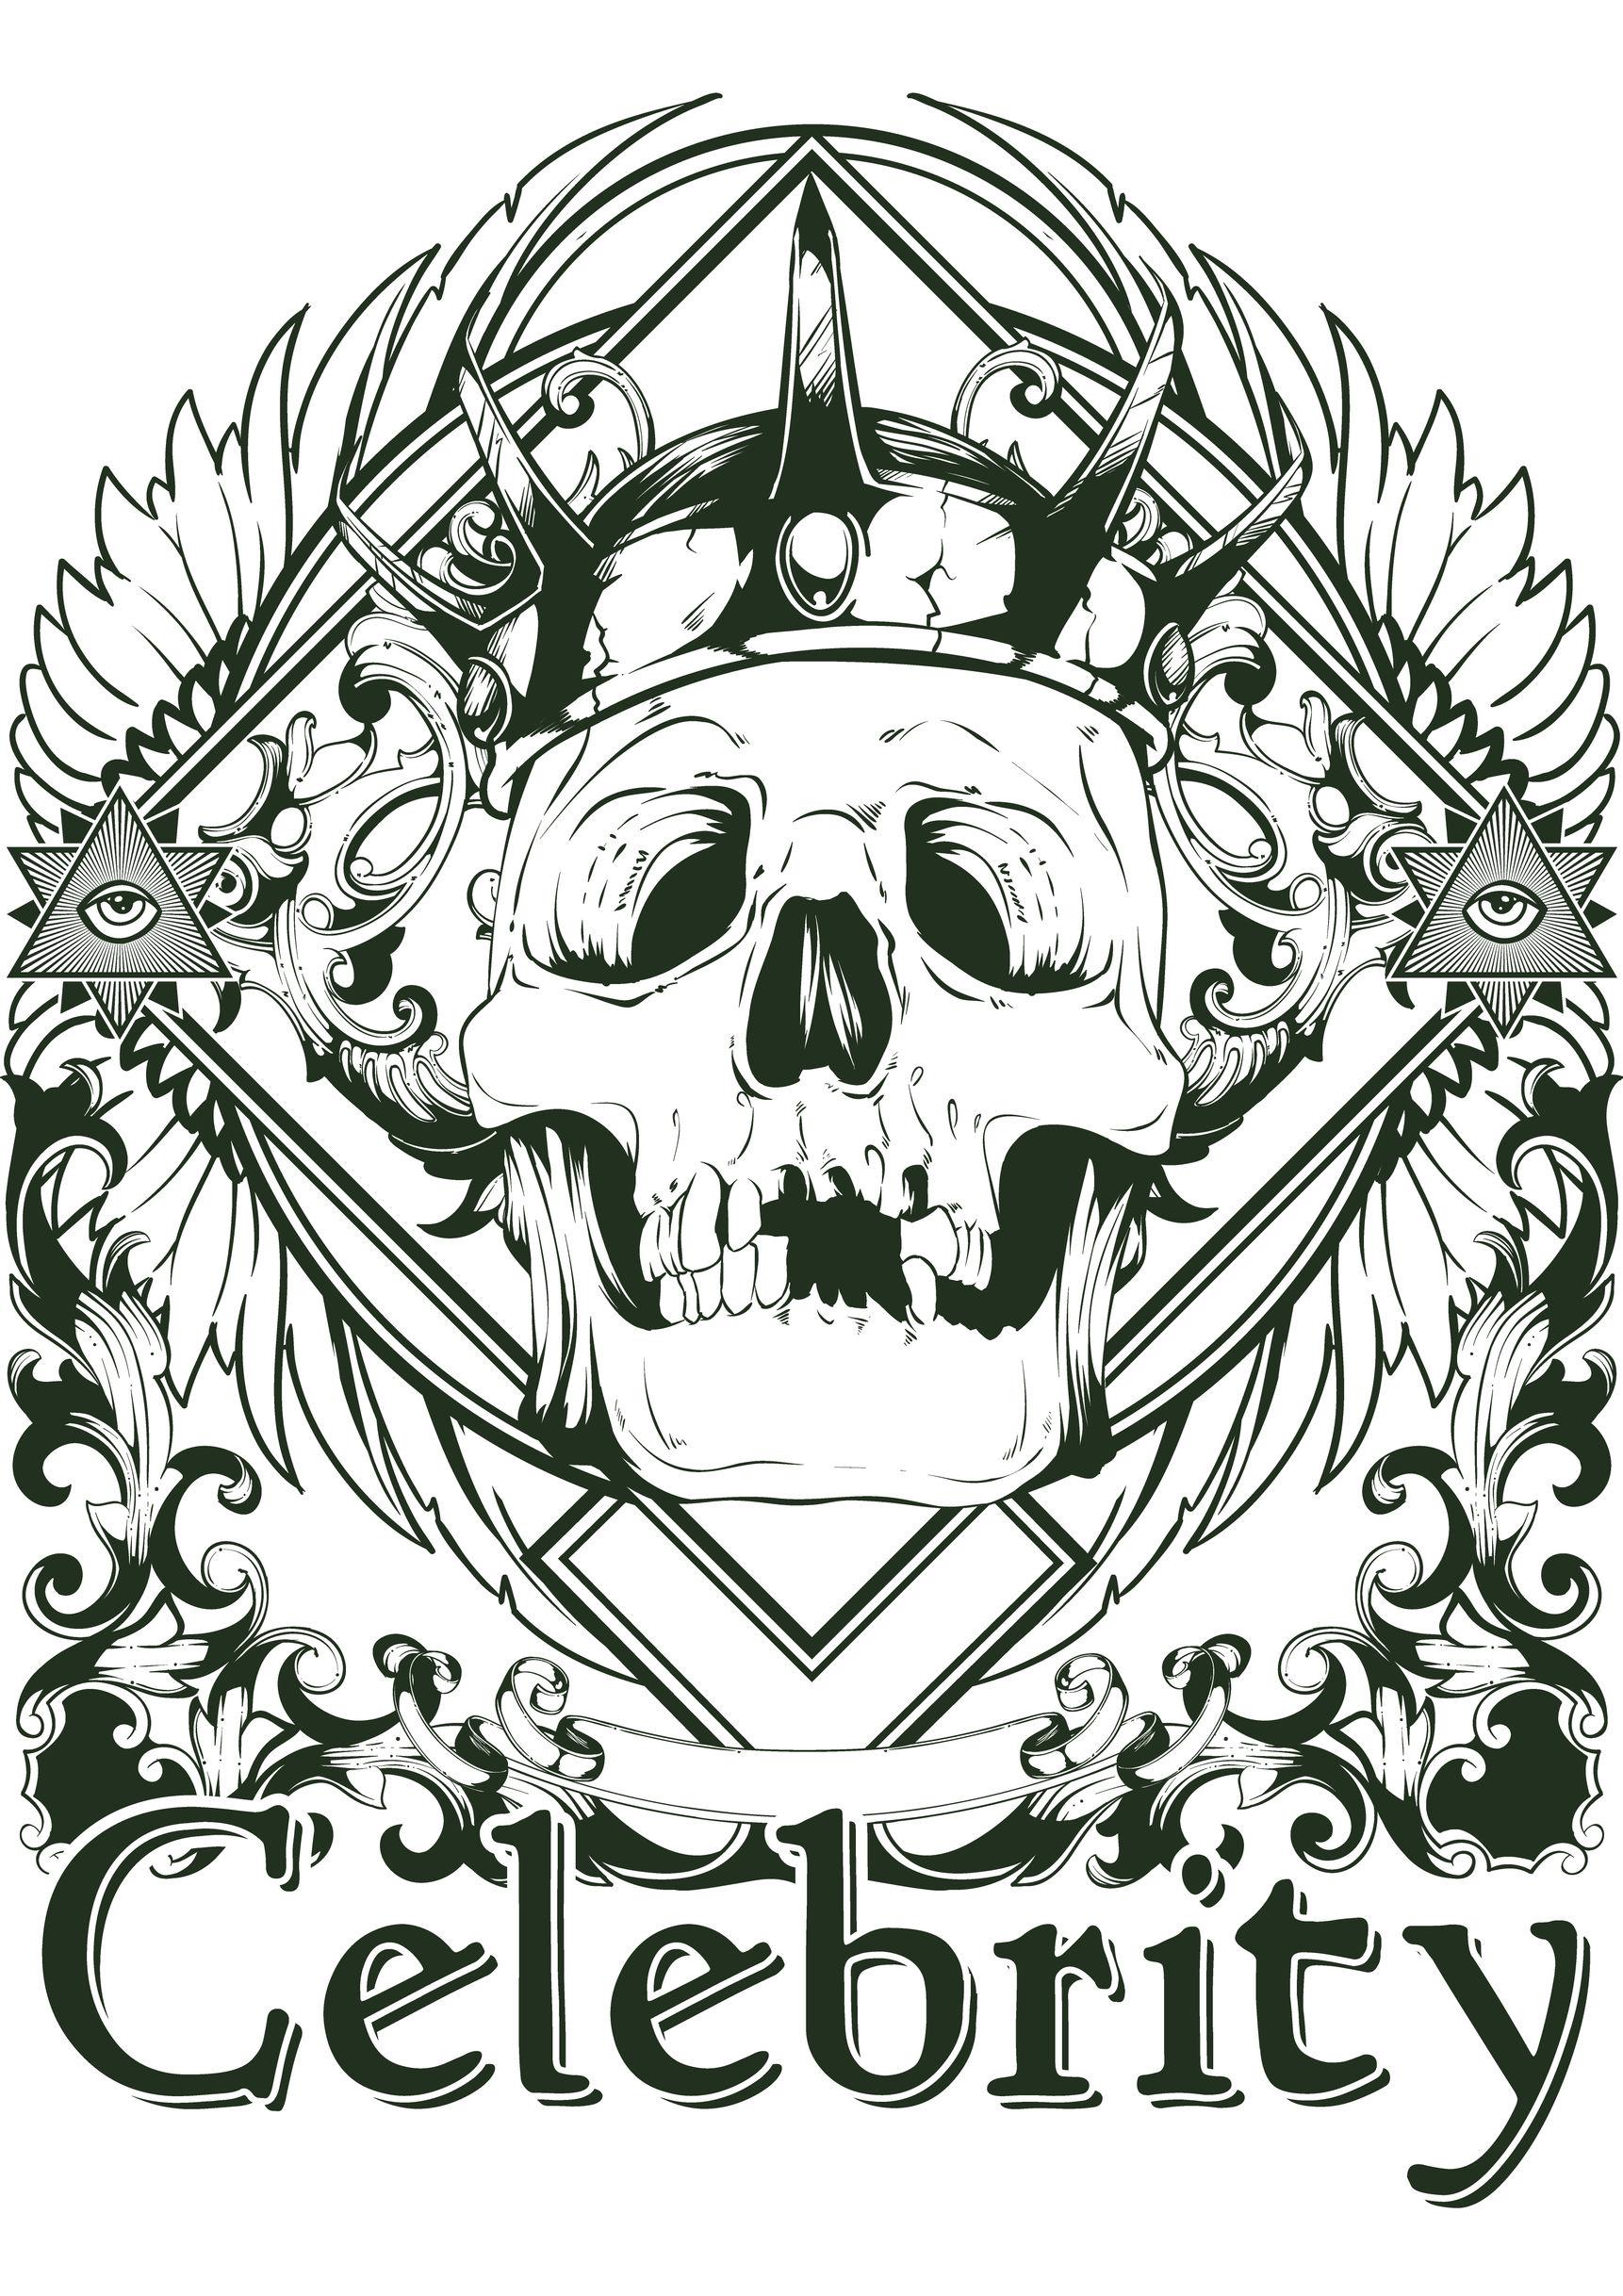 Disegni da colorare per adulti : Tatuaggi - 25